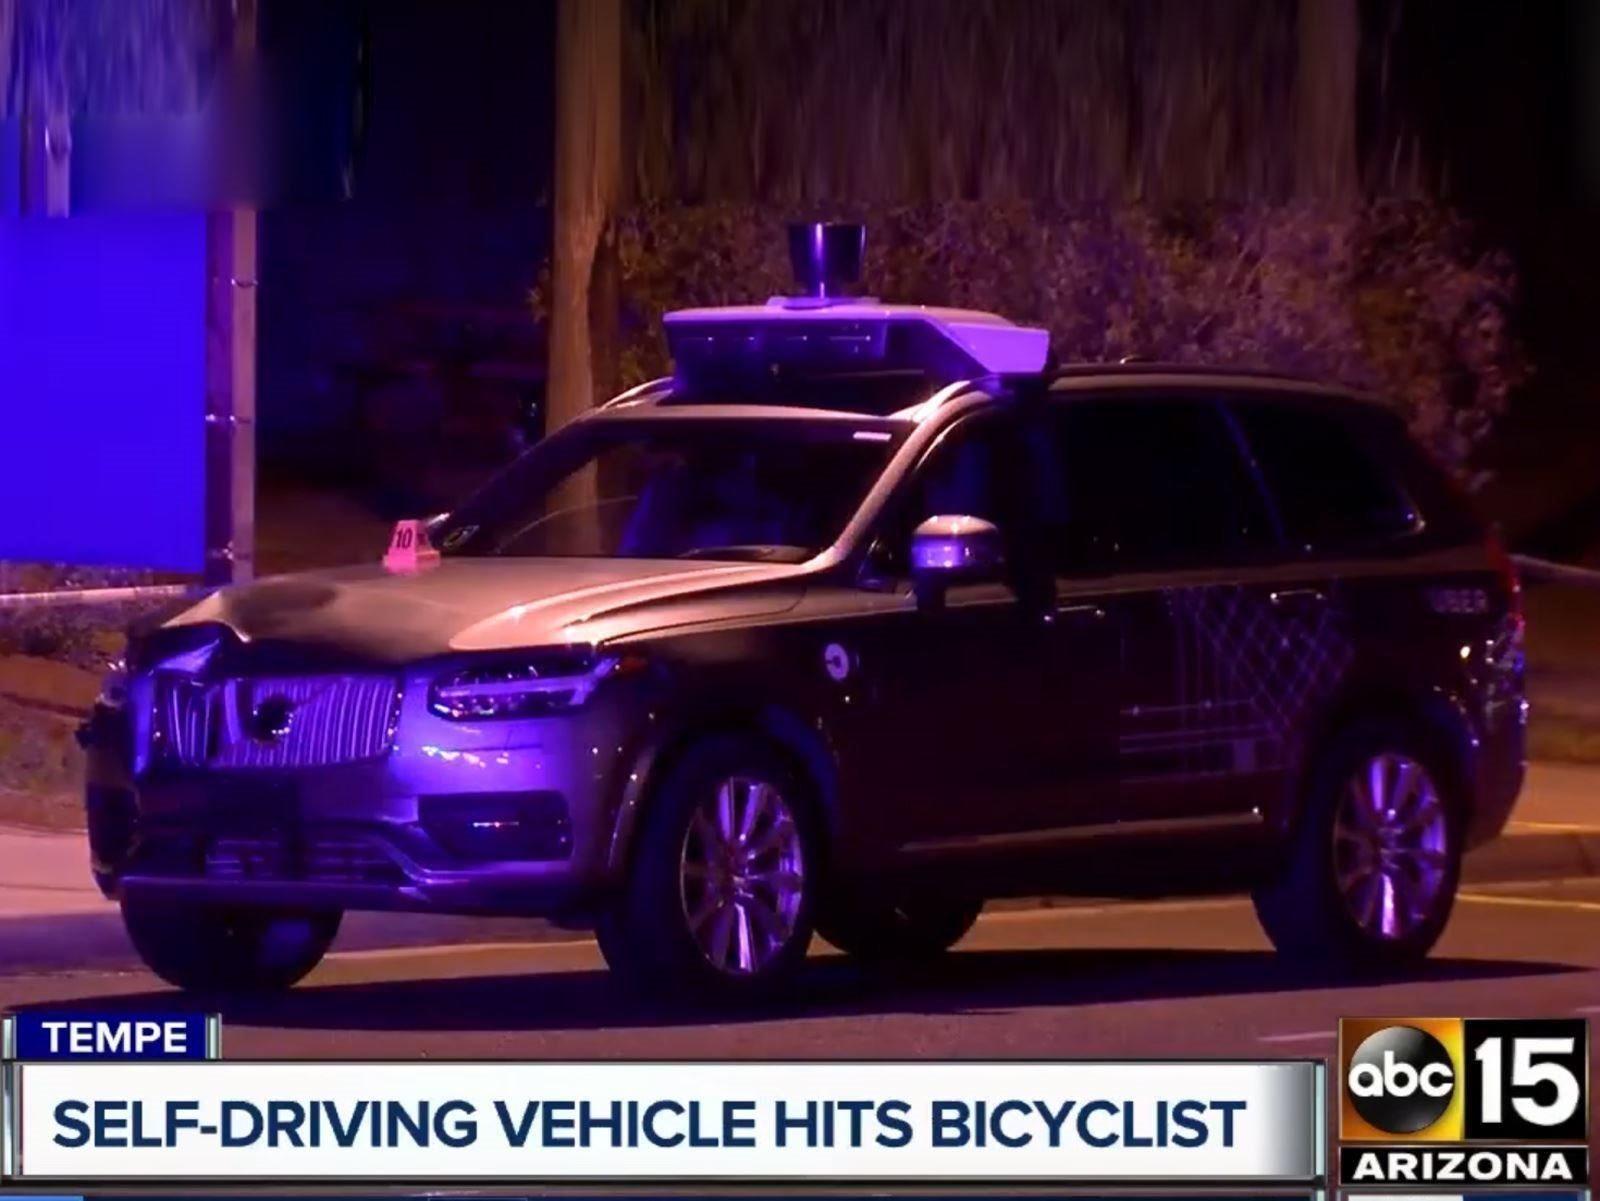 Вскоре будет противозаконно отвлекаться от вождения в автономной машине.